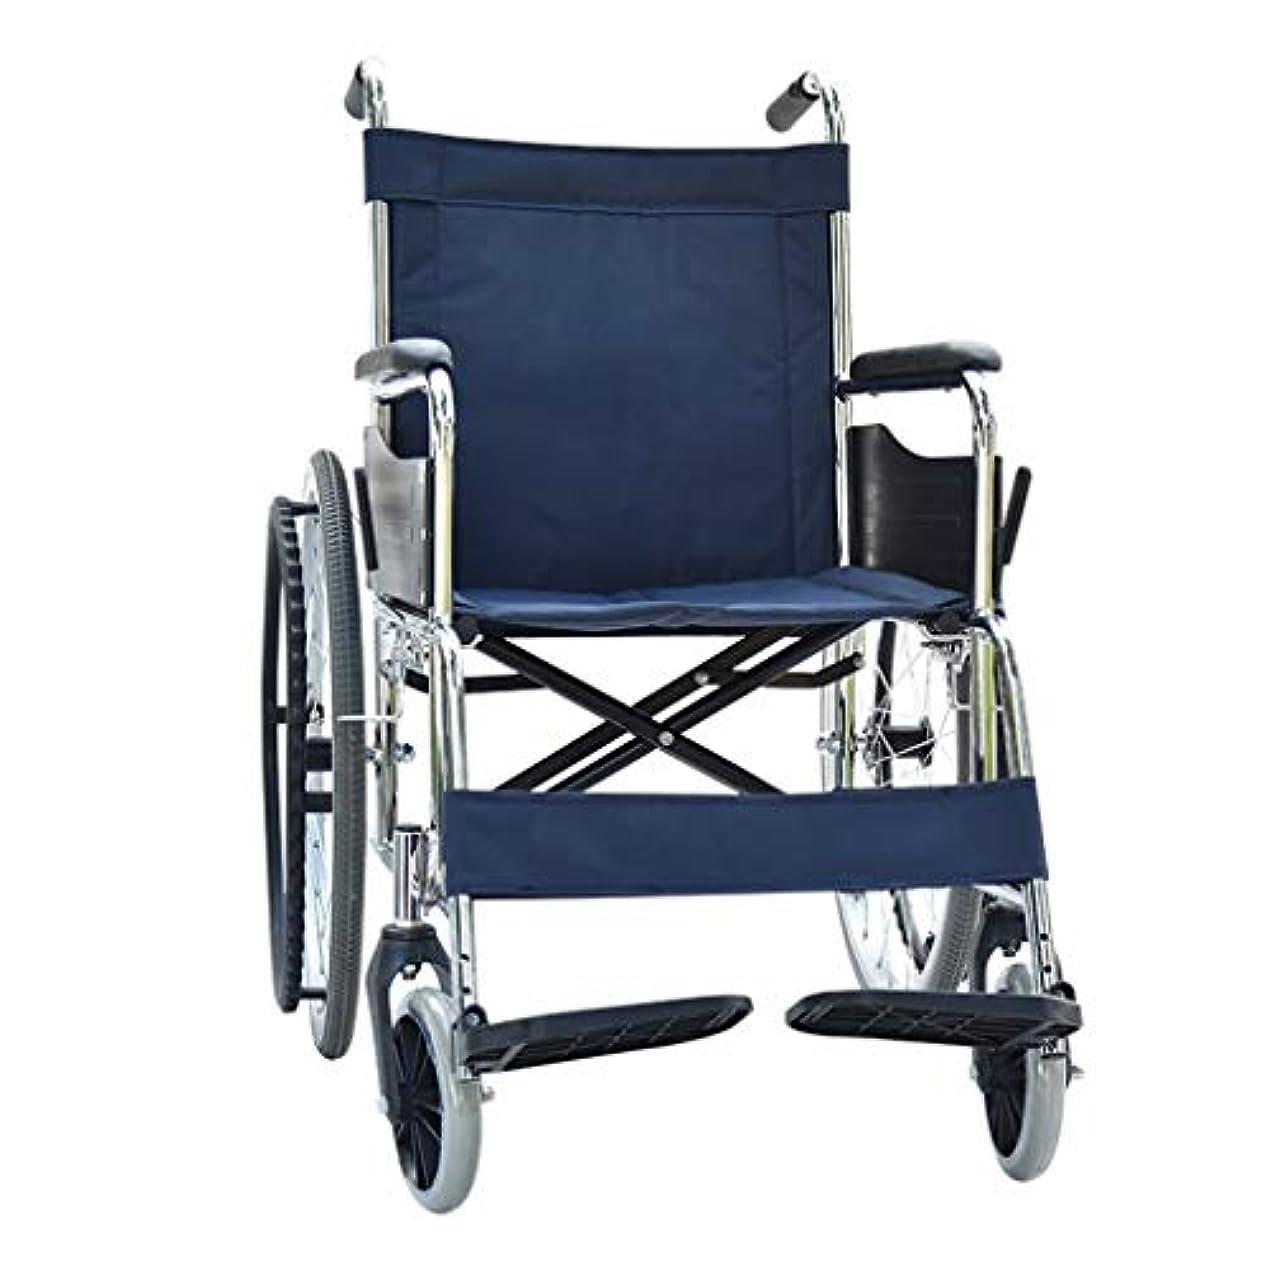 午後デンマーク賄賂車椅子折りたたみ式、高齢者、障害者用トロリー、調節可能なフットペダル、リアストレージバッグデザイン